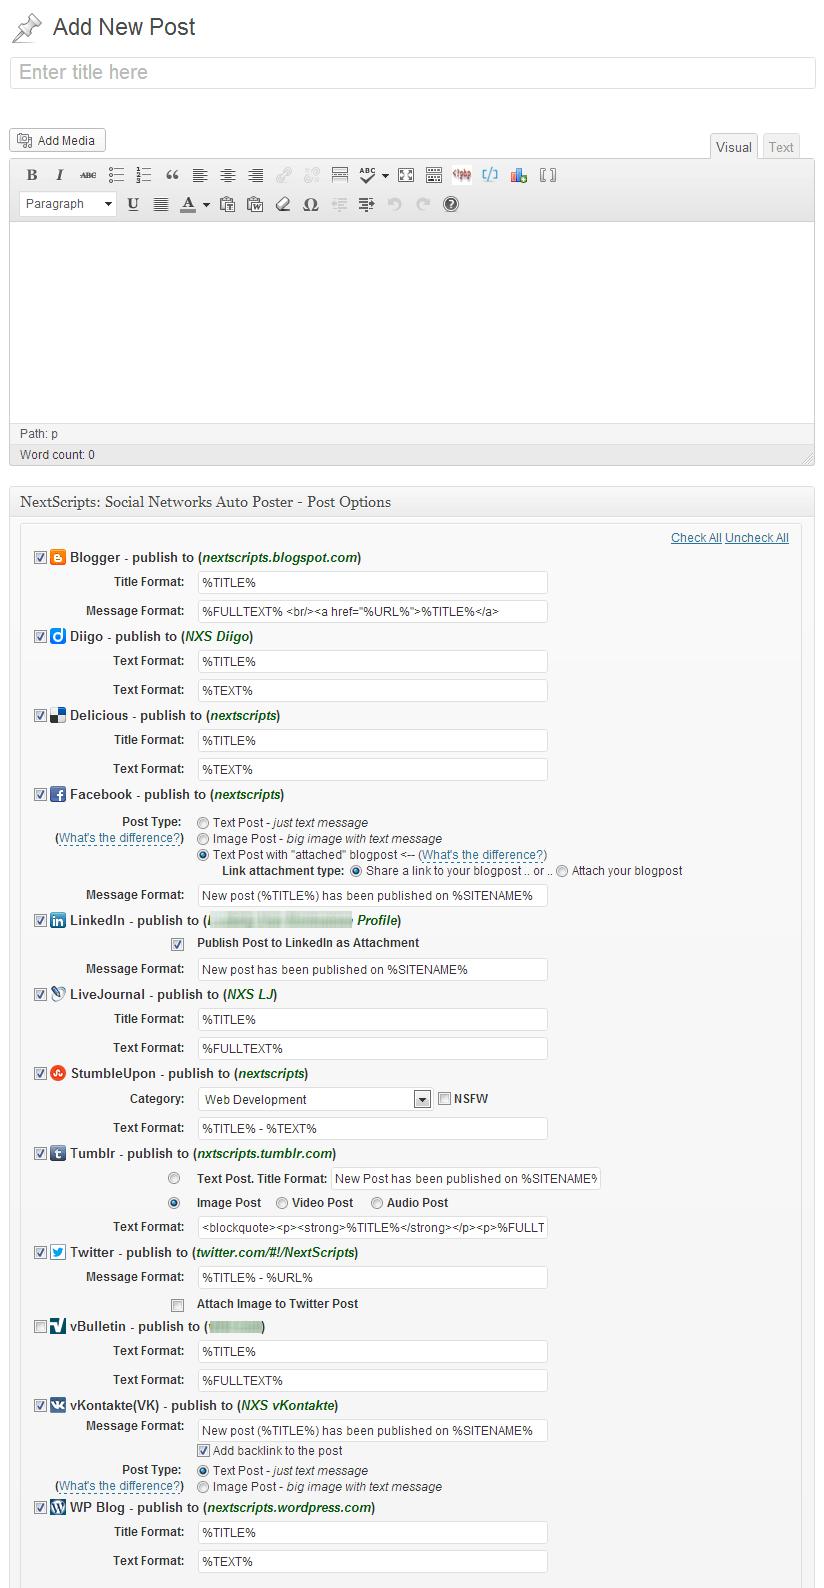 Автоматическая публикация сообщений WordPress в социальных сетях с помощью SNAP